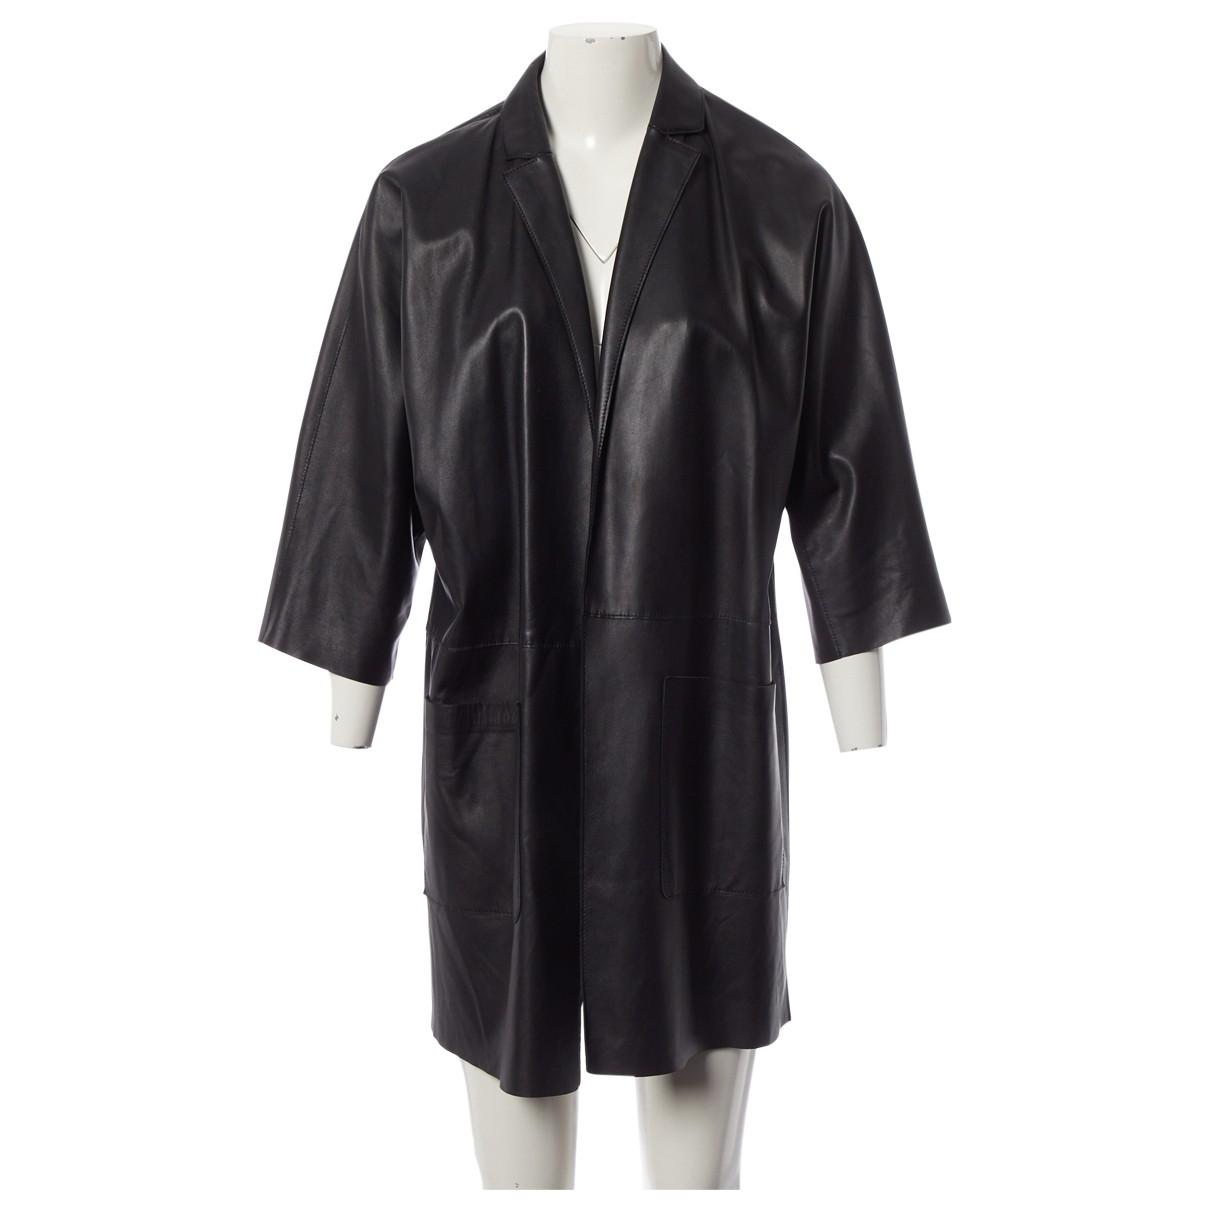 Gembalies - Manteau   pour femme en cuir - noir